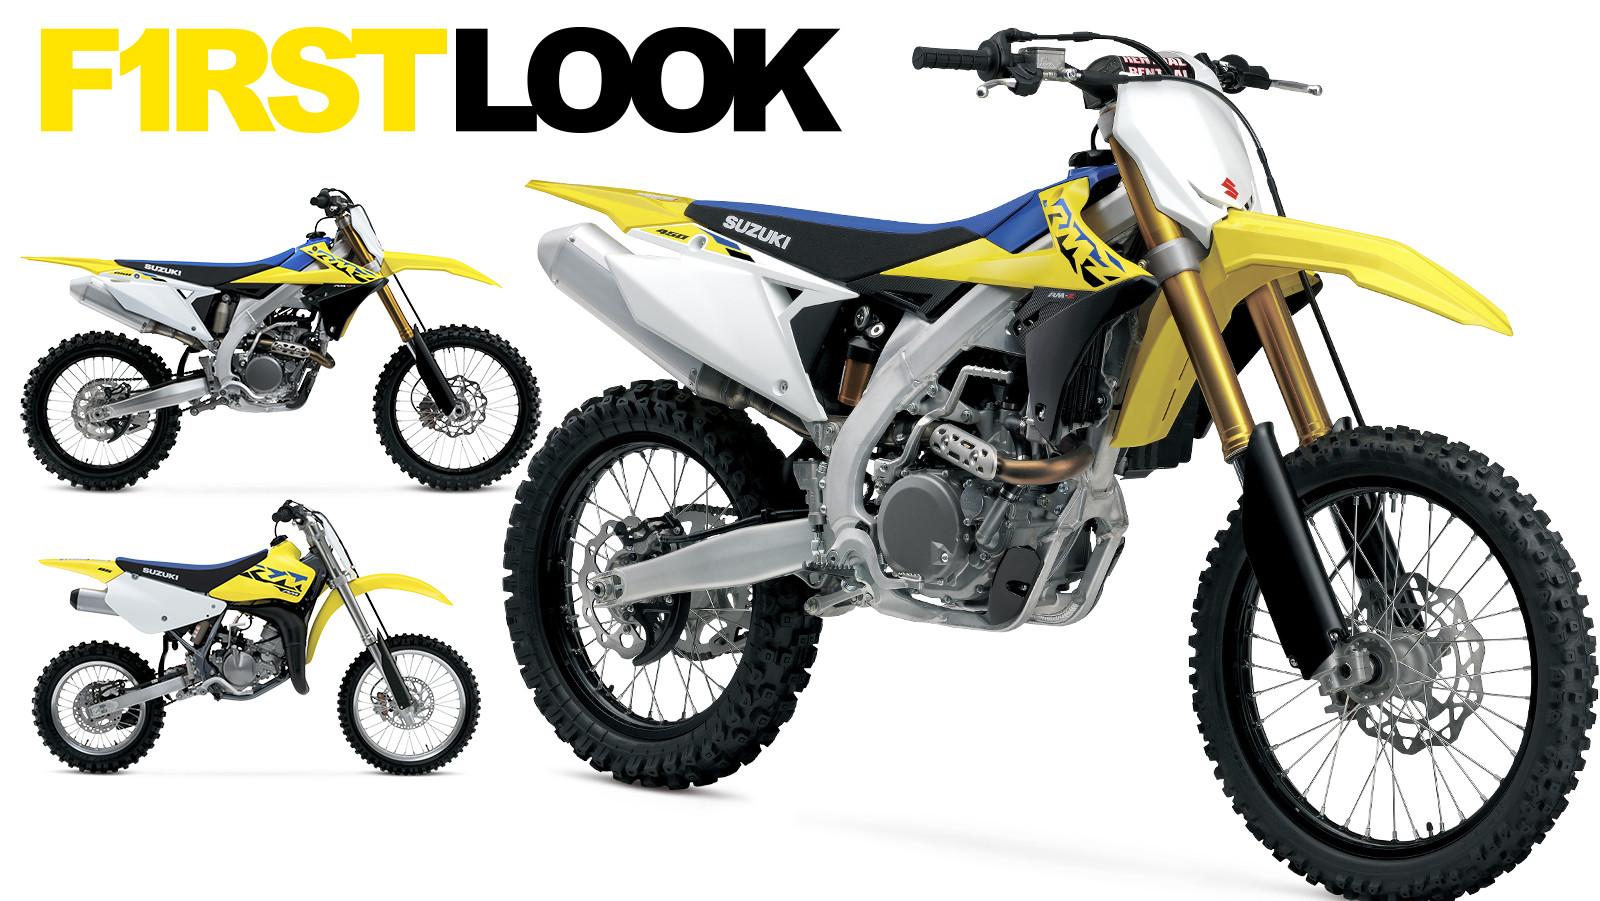 First Look: 2022 Suzuki Motocross Bikes